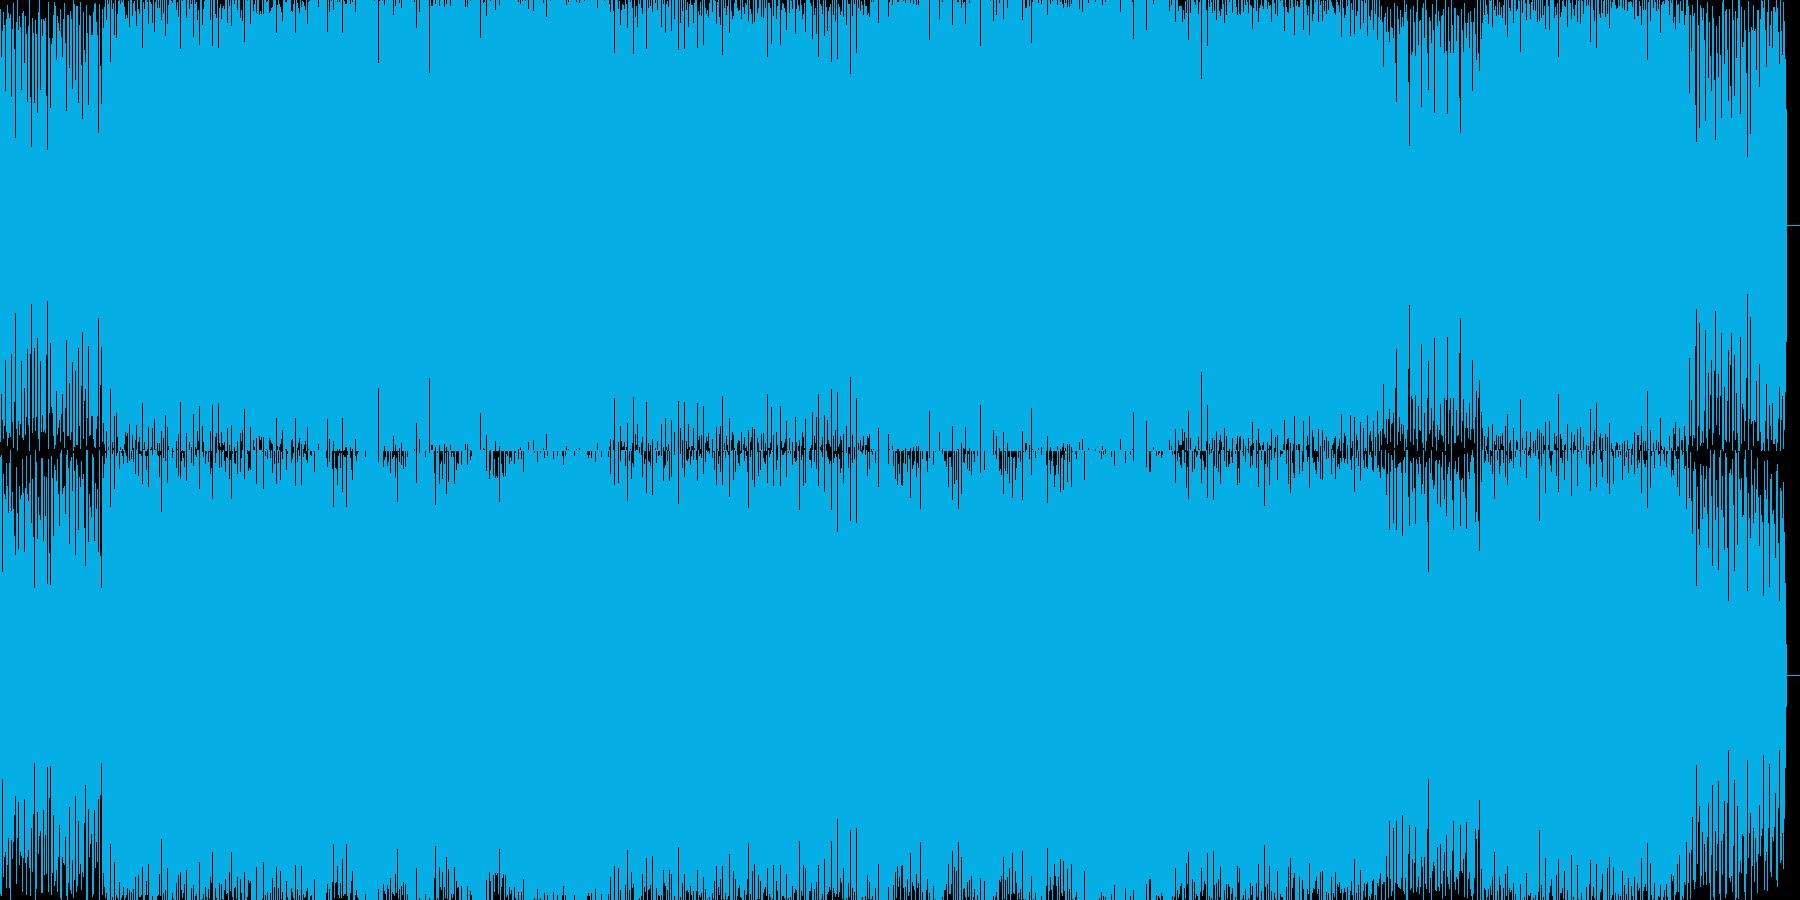 テクノハウス風のBGMを作りました。の再生済みの波形